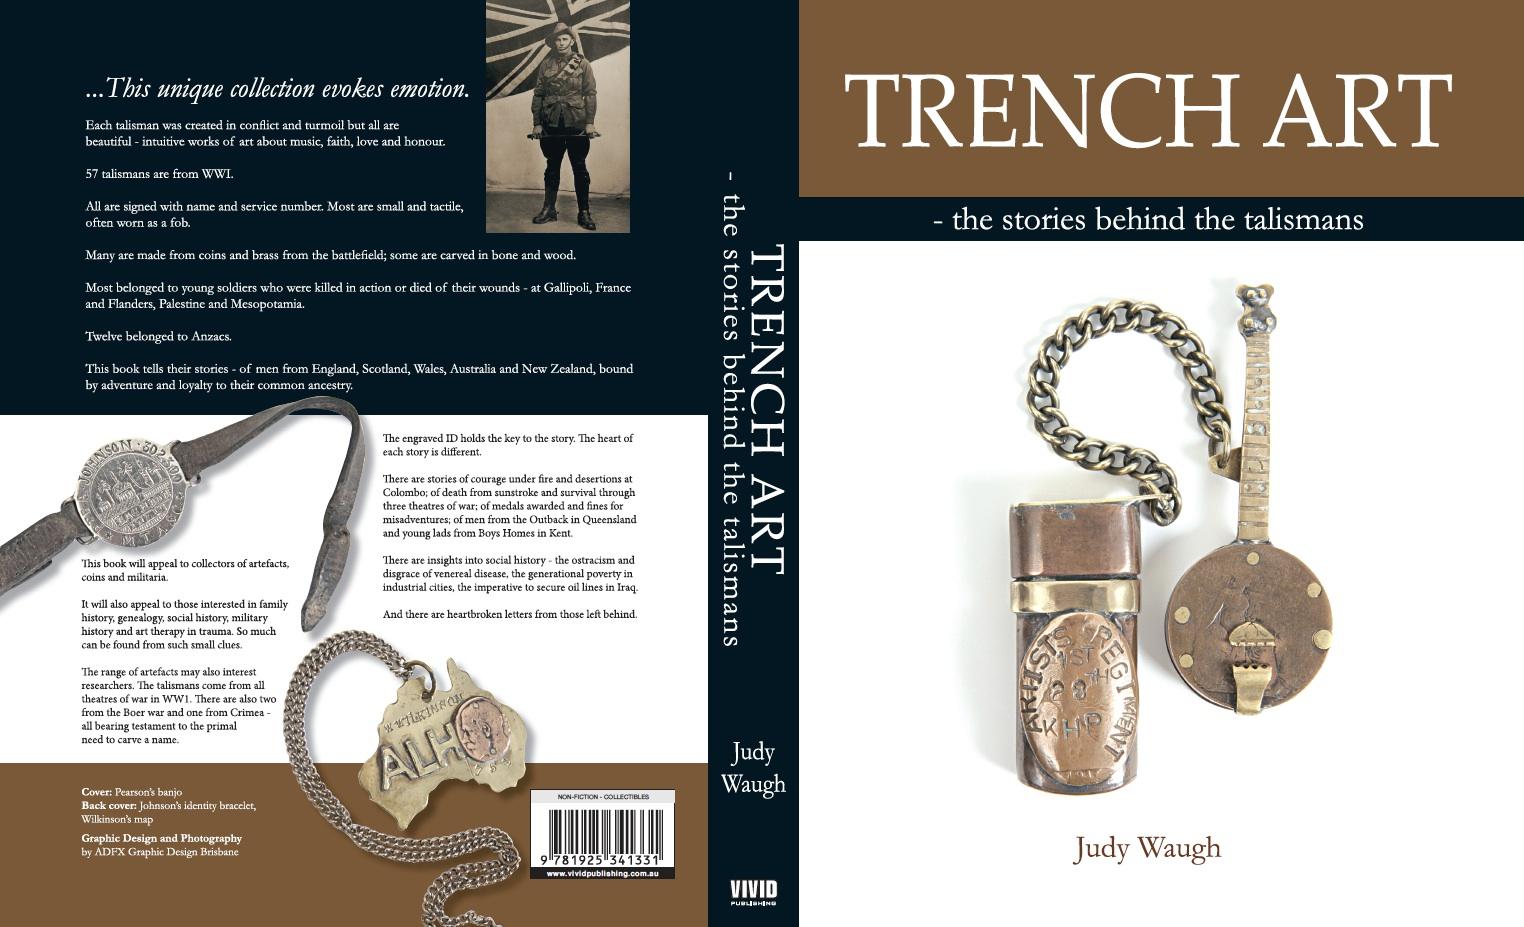 Trench Art cover VIVID.jpg